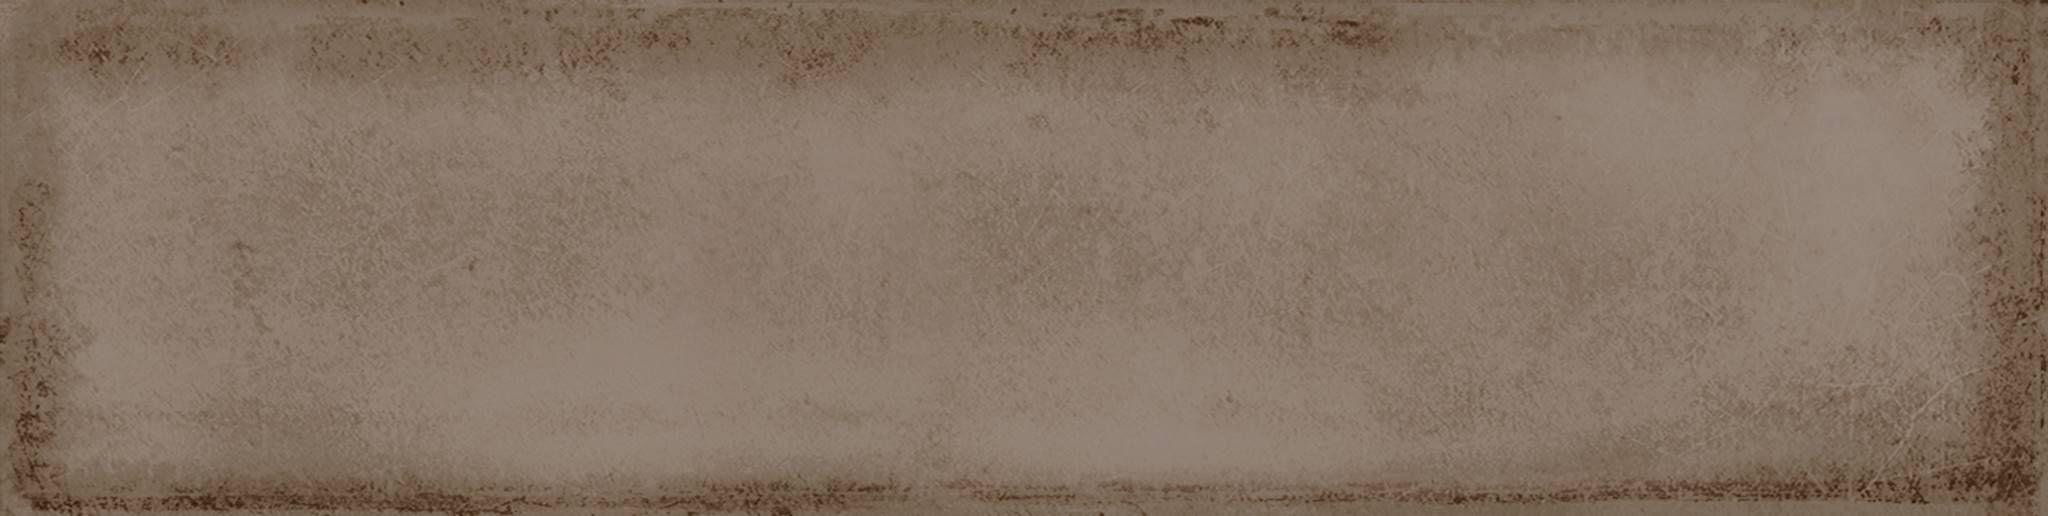 ALCHIMIA_MOKA_7.5×30